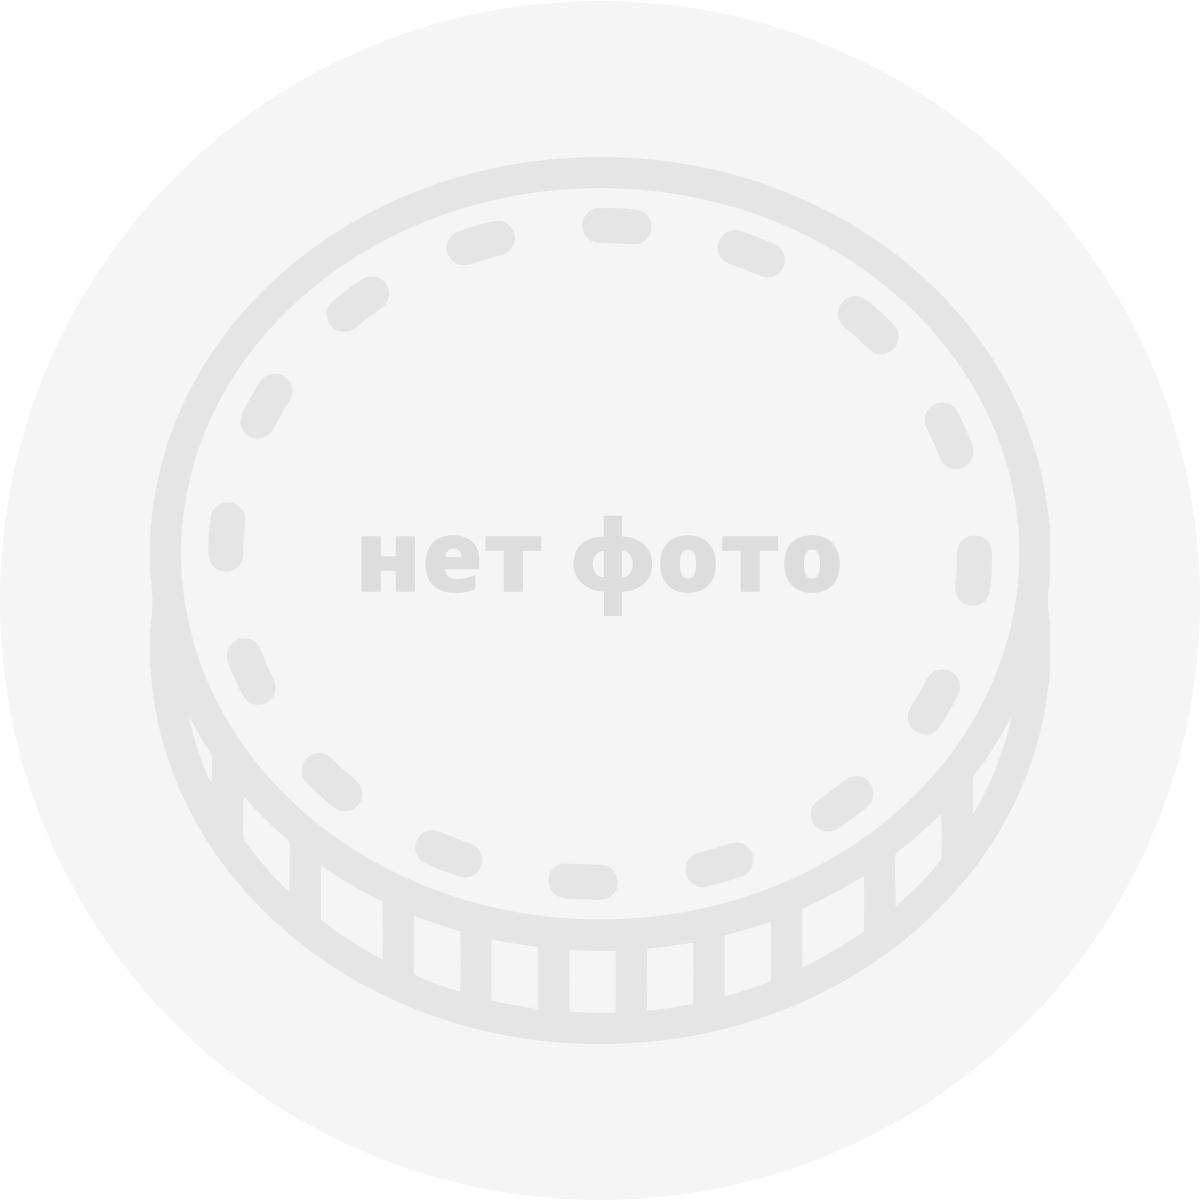 Монета XVI чемпионат мира по водным видам спорта